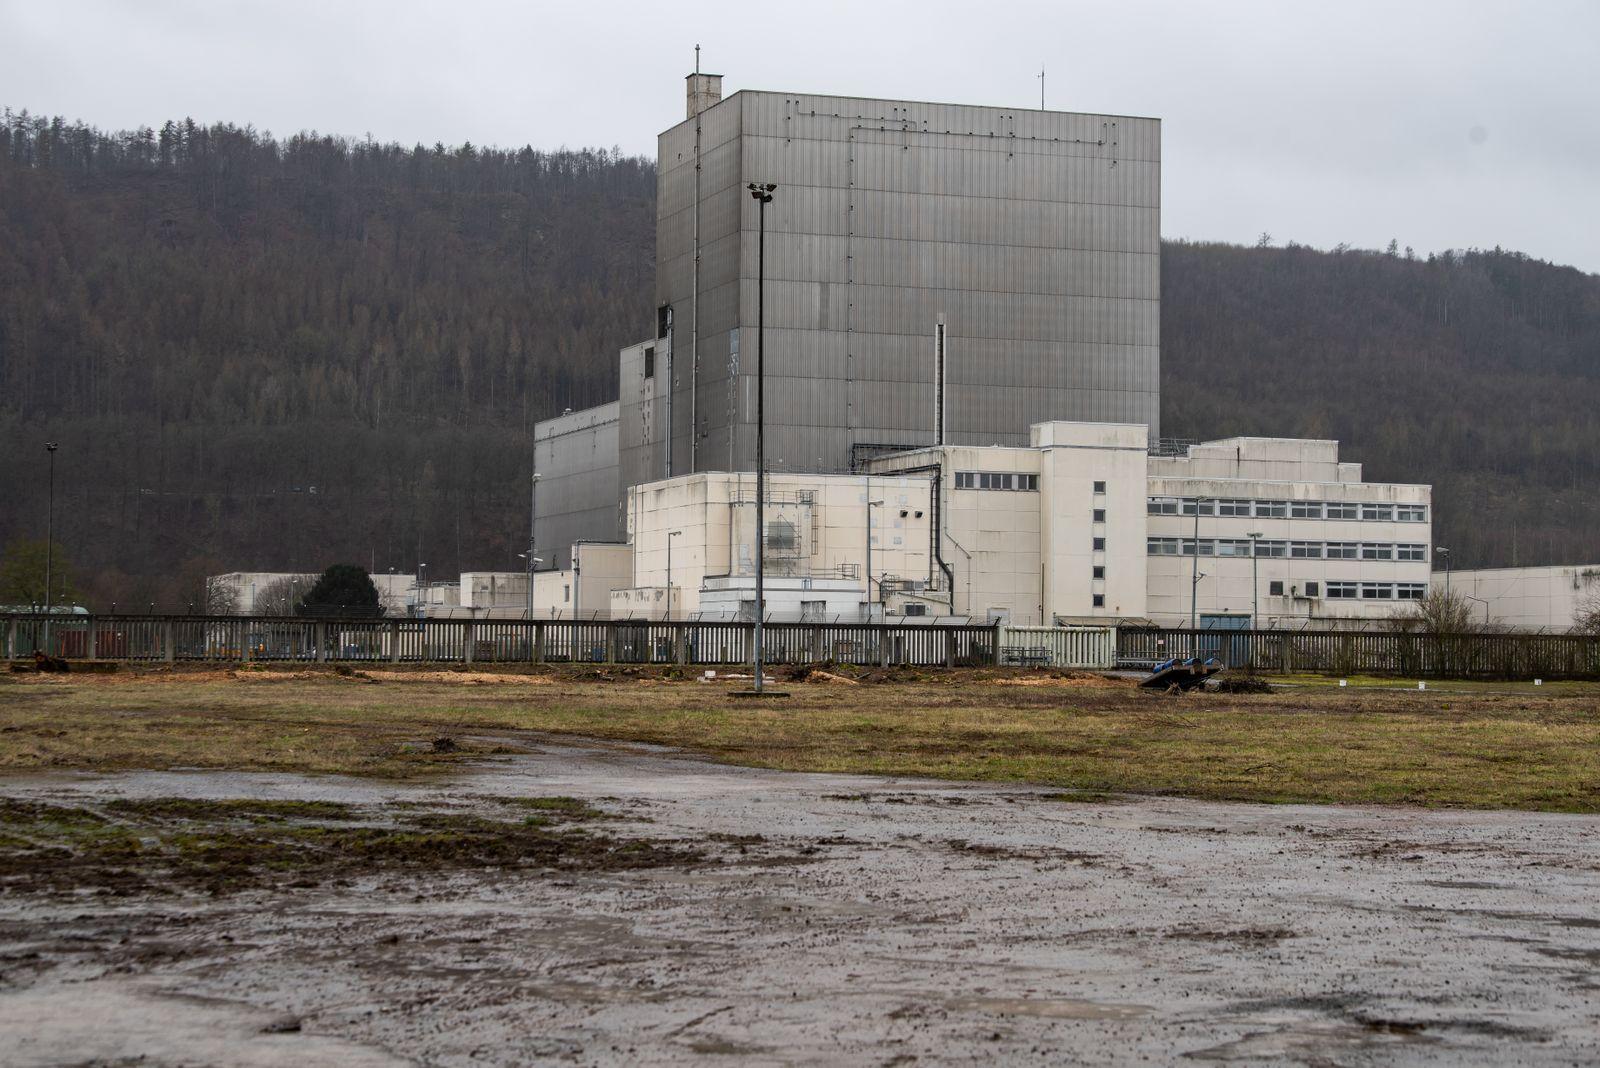 Zentrales Lager für Atomabfälle in Würgassen geplant